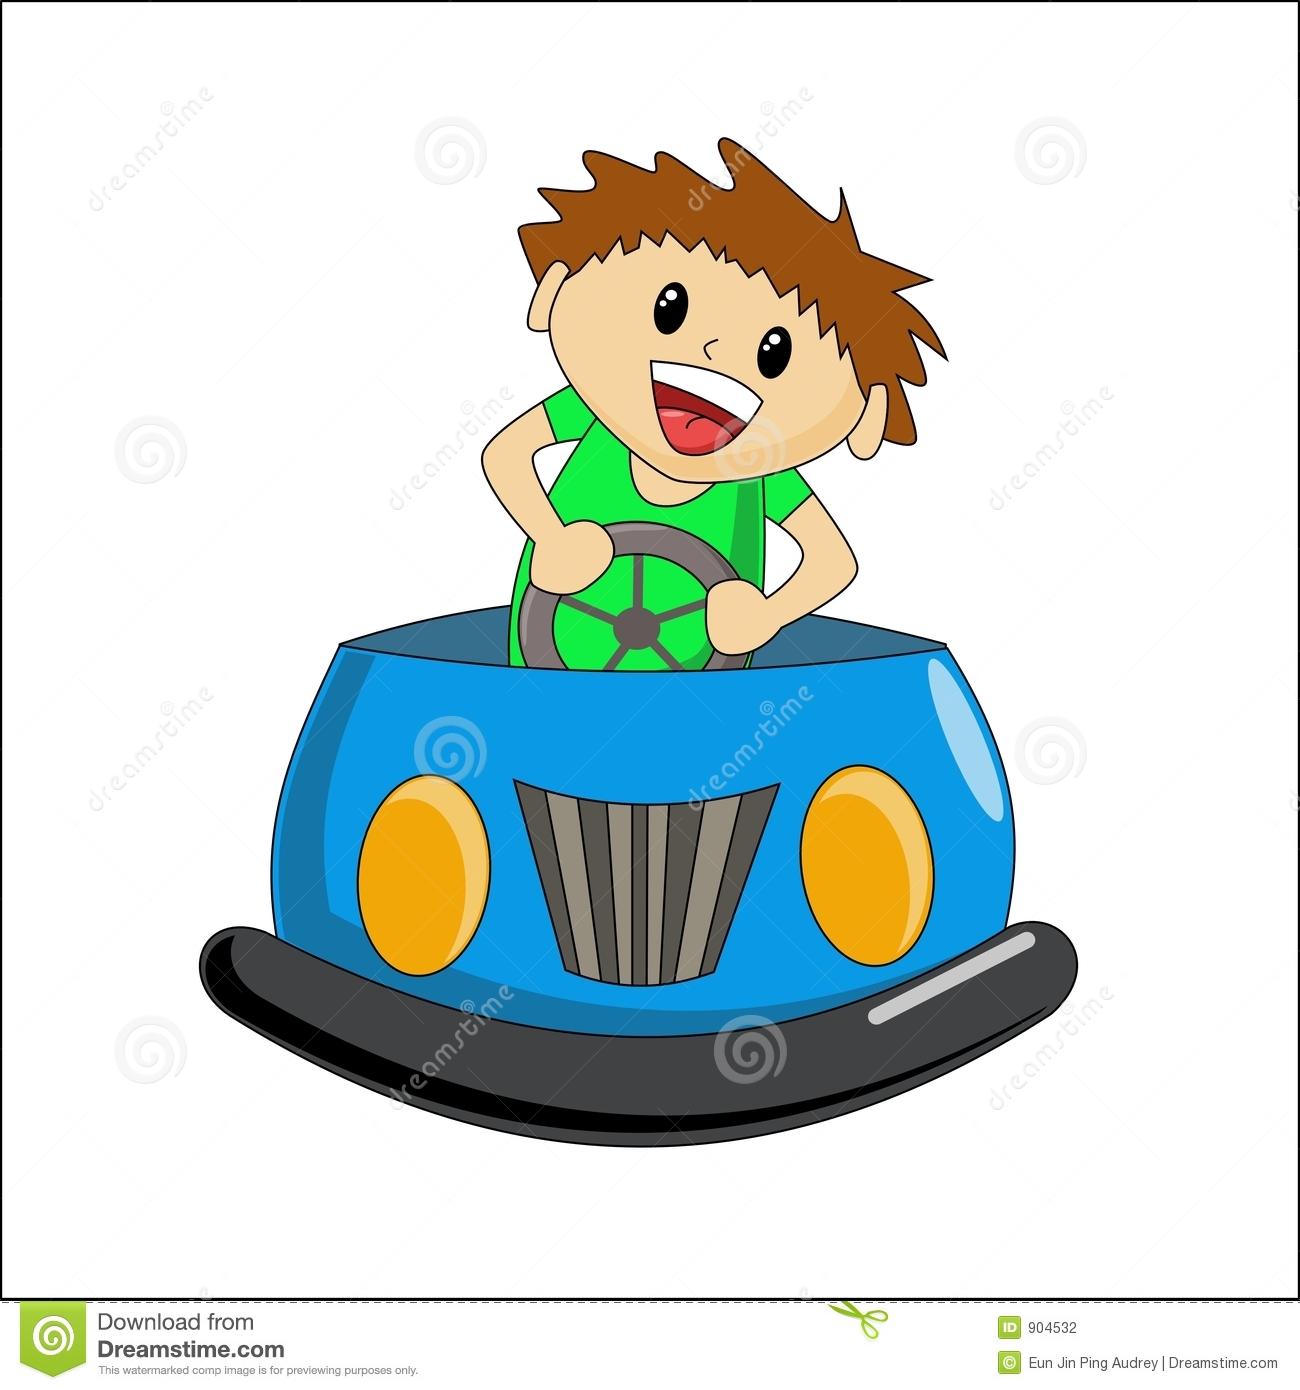 Bumper car clipart.